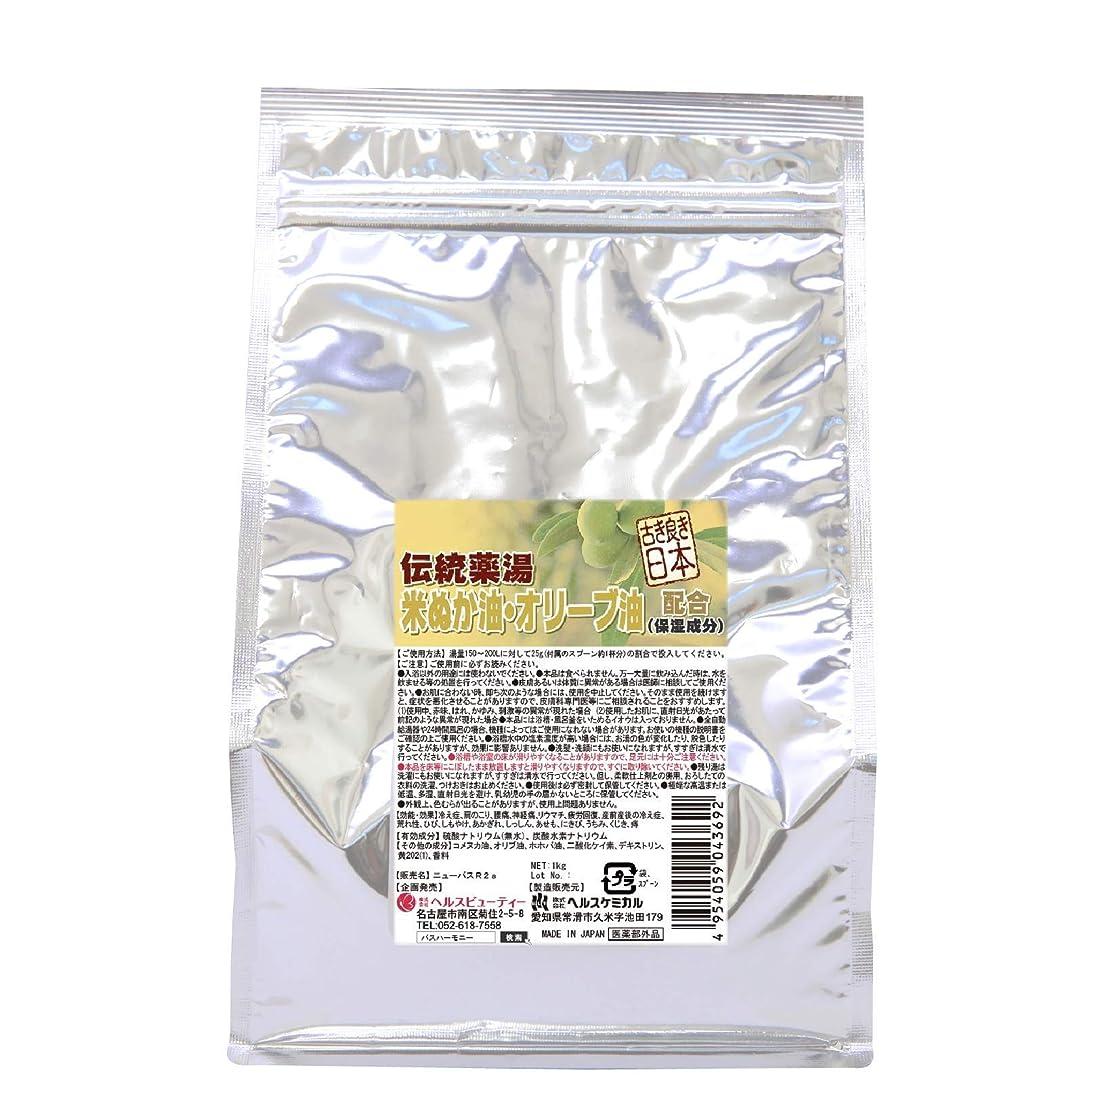 混乱させる公式新しさ入浴剤 湯匠仕込 米ぬか油?オリーブ油配合 1kg 50回分 お徳用【医薬部外品】